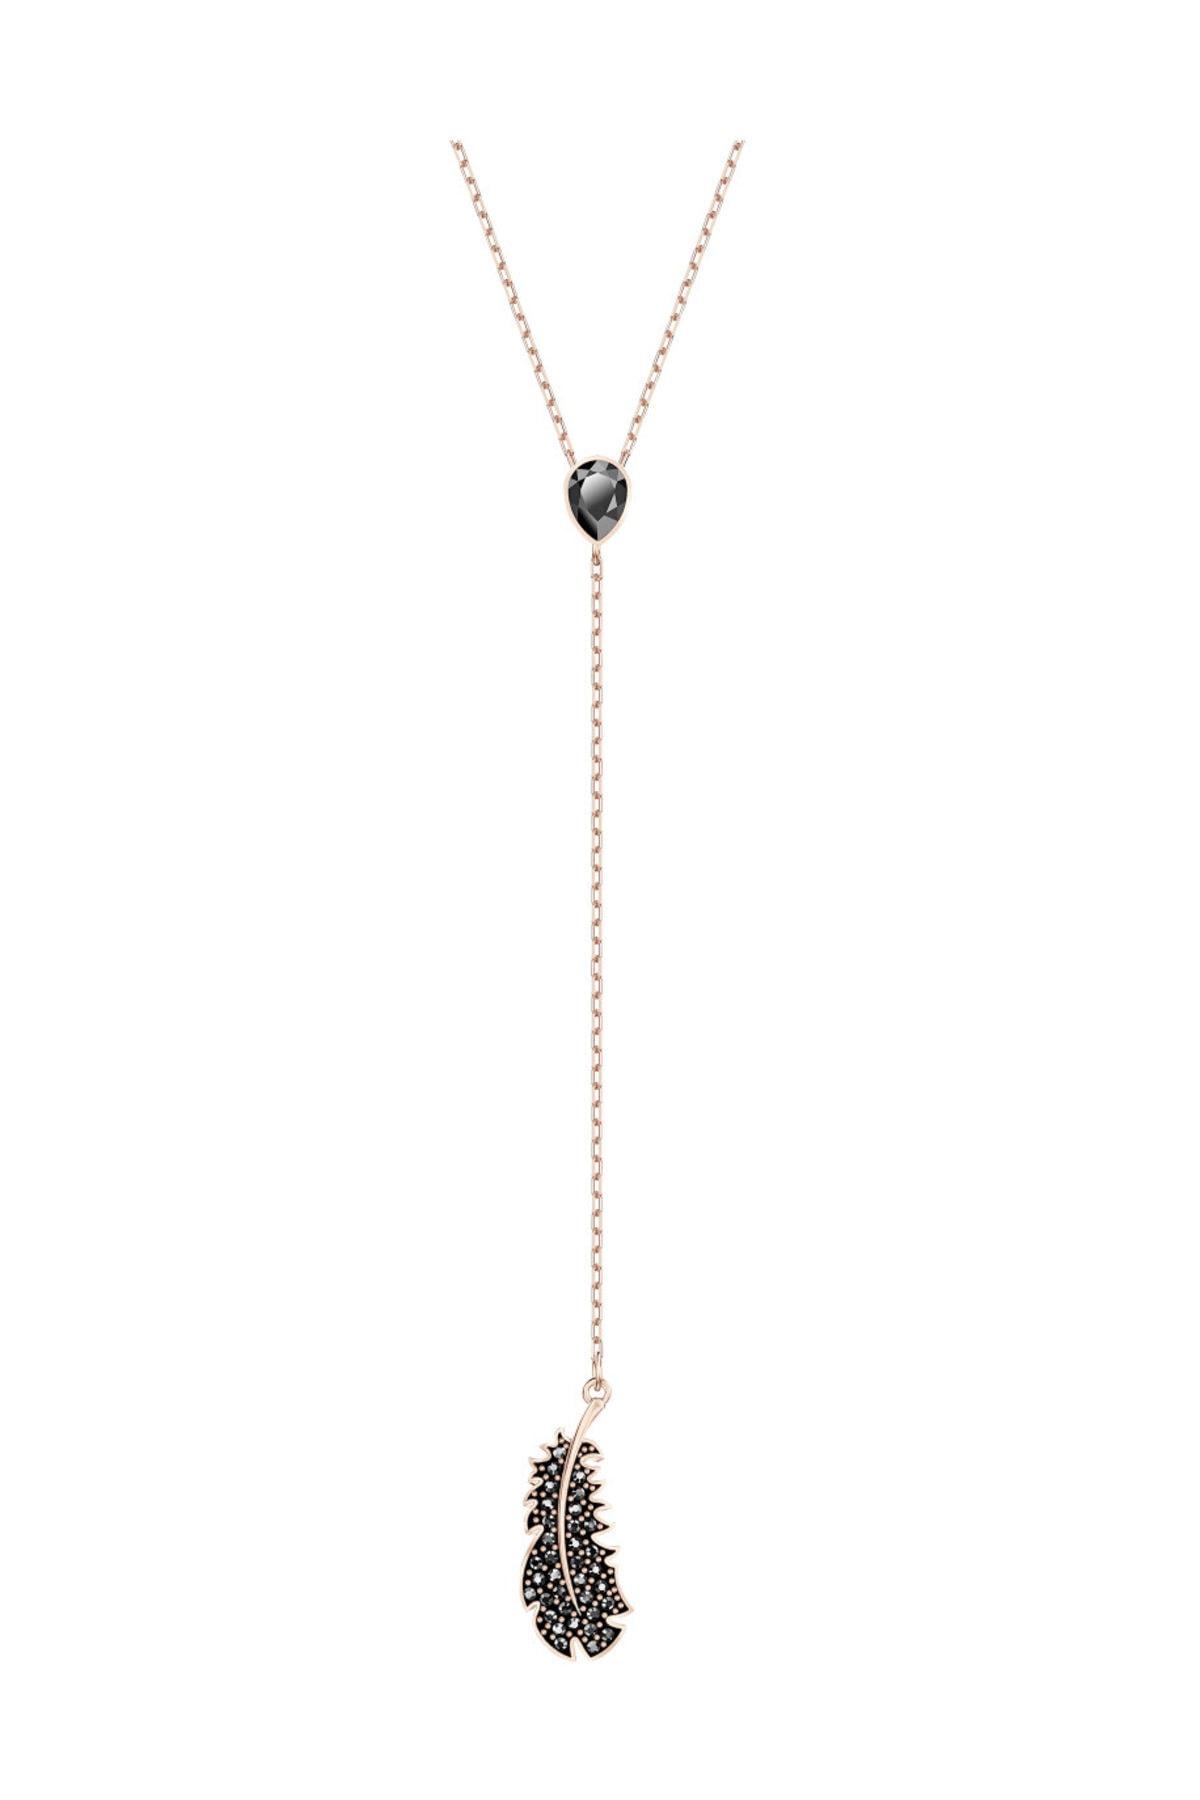 Swarovski Kolye Naughty:Necklace Y Jet Hem/Ros 5495299 1